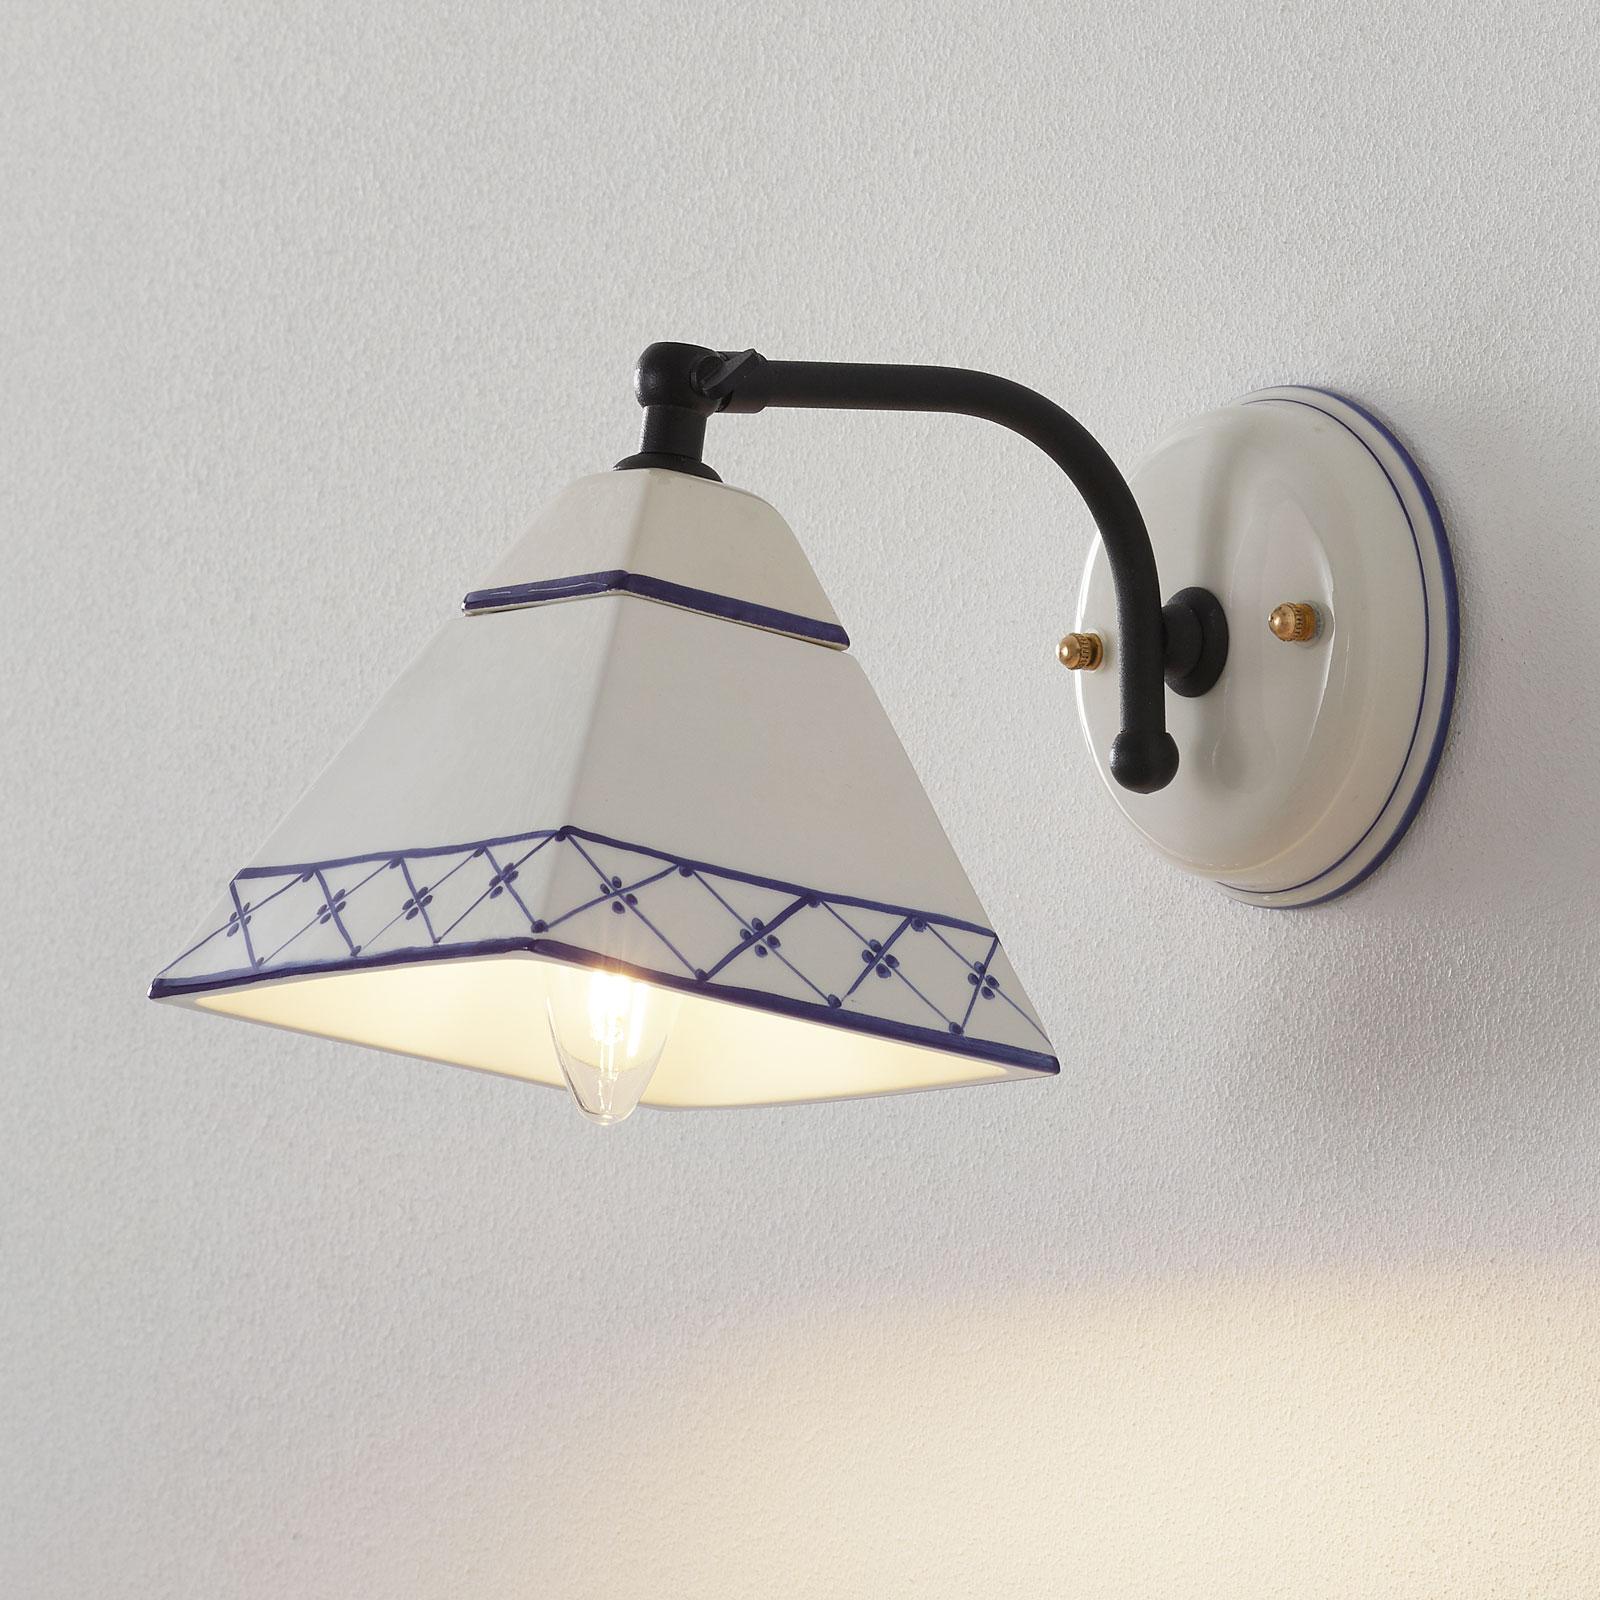 Lampa ścienna MURANO w stylu rustykalnym